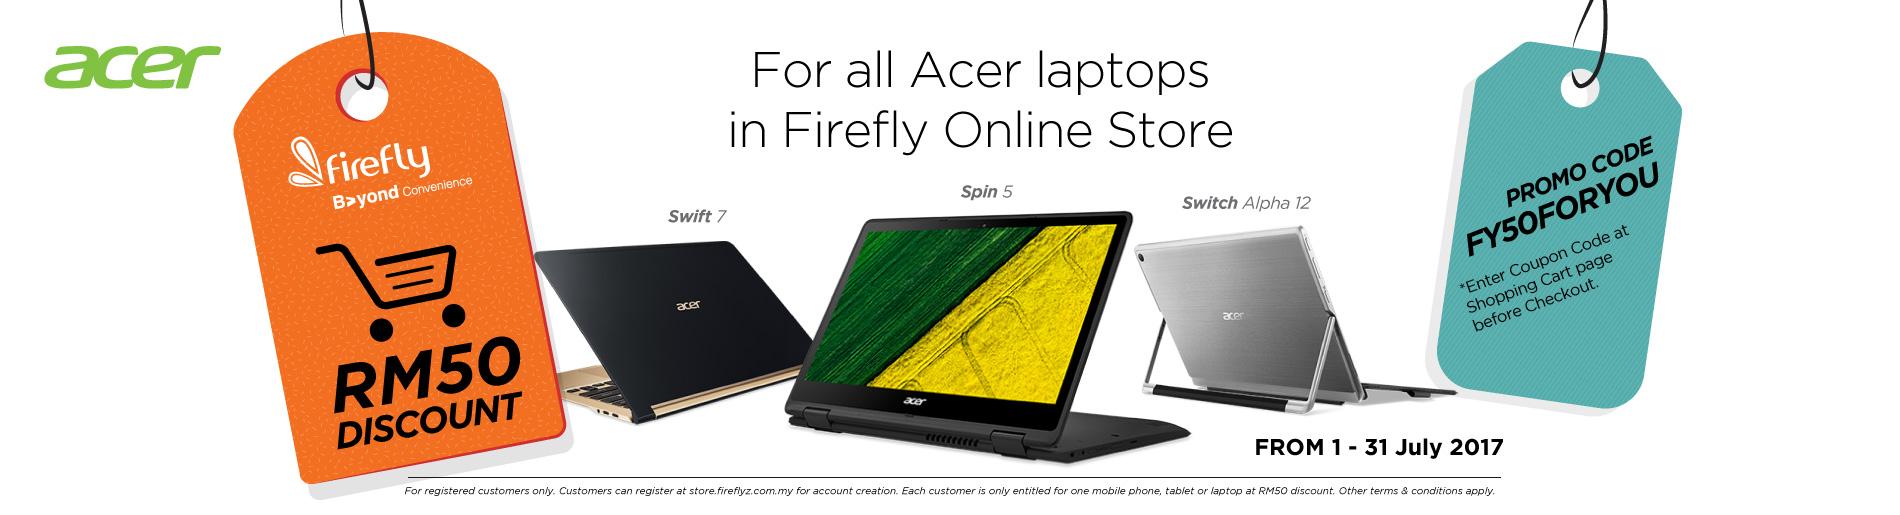 RM50 Acer